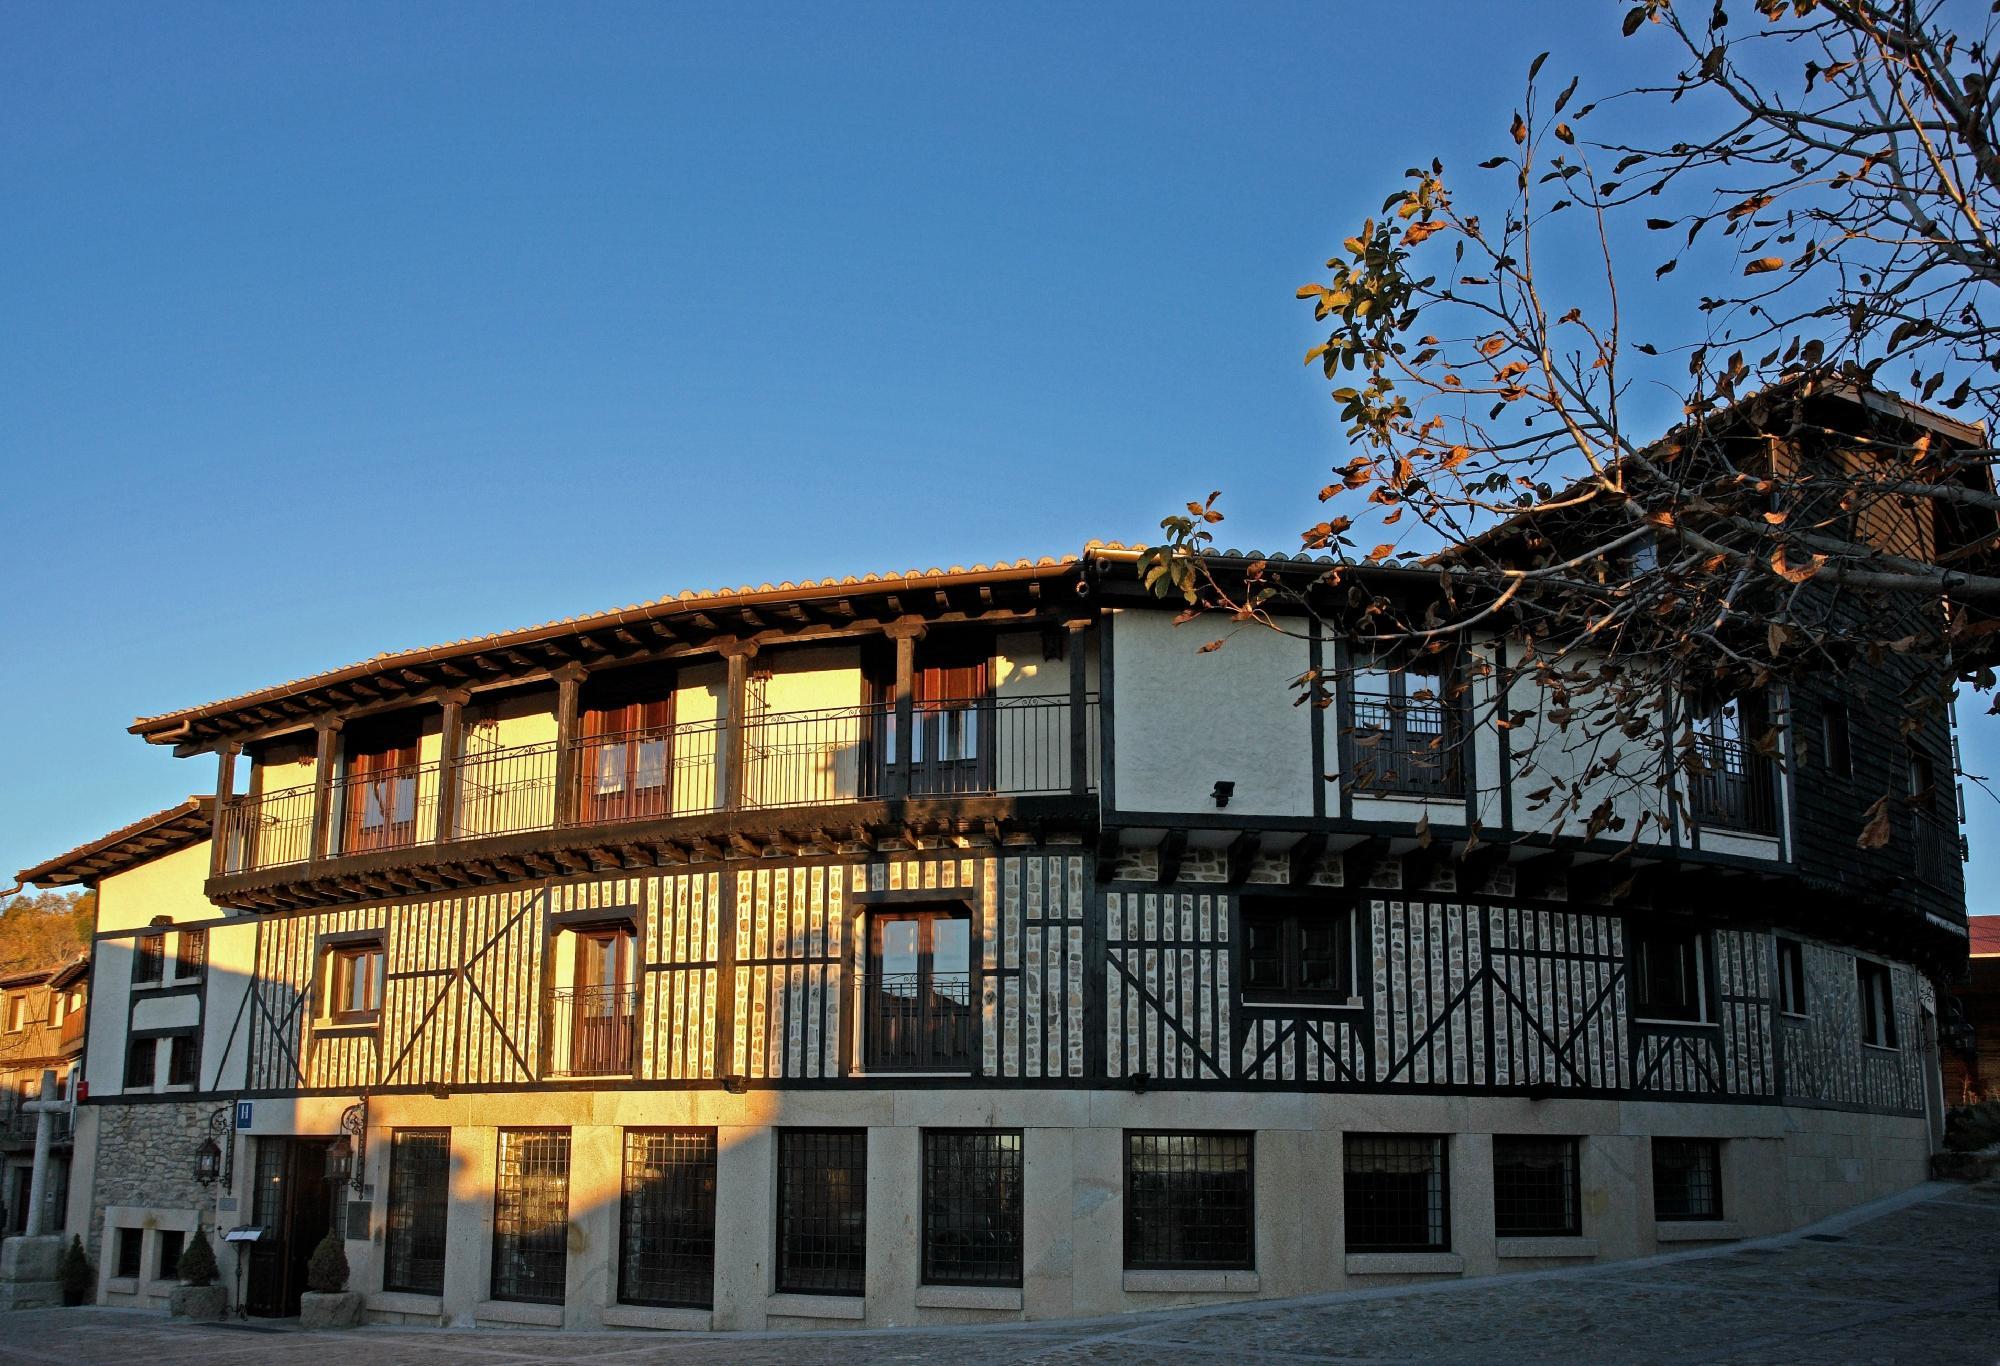 ホテル スパ ビリャ デ モガラス